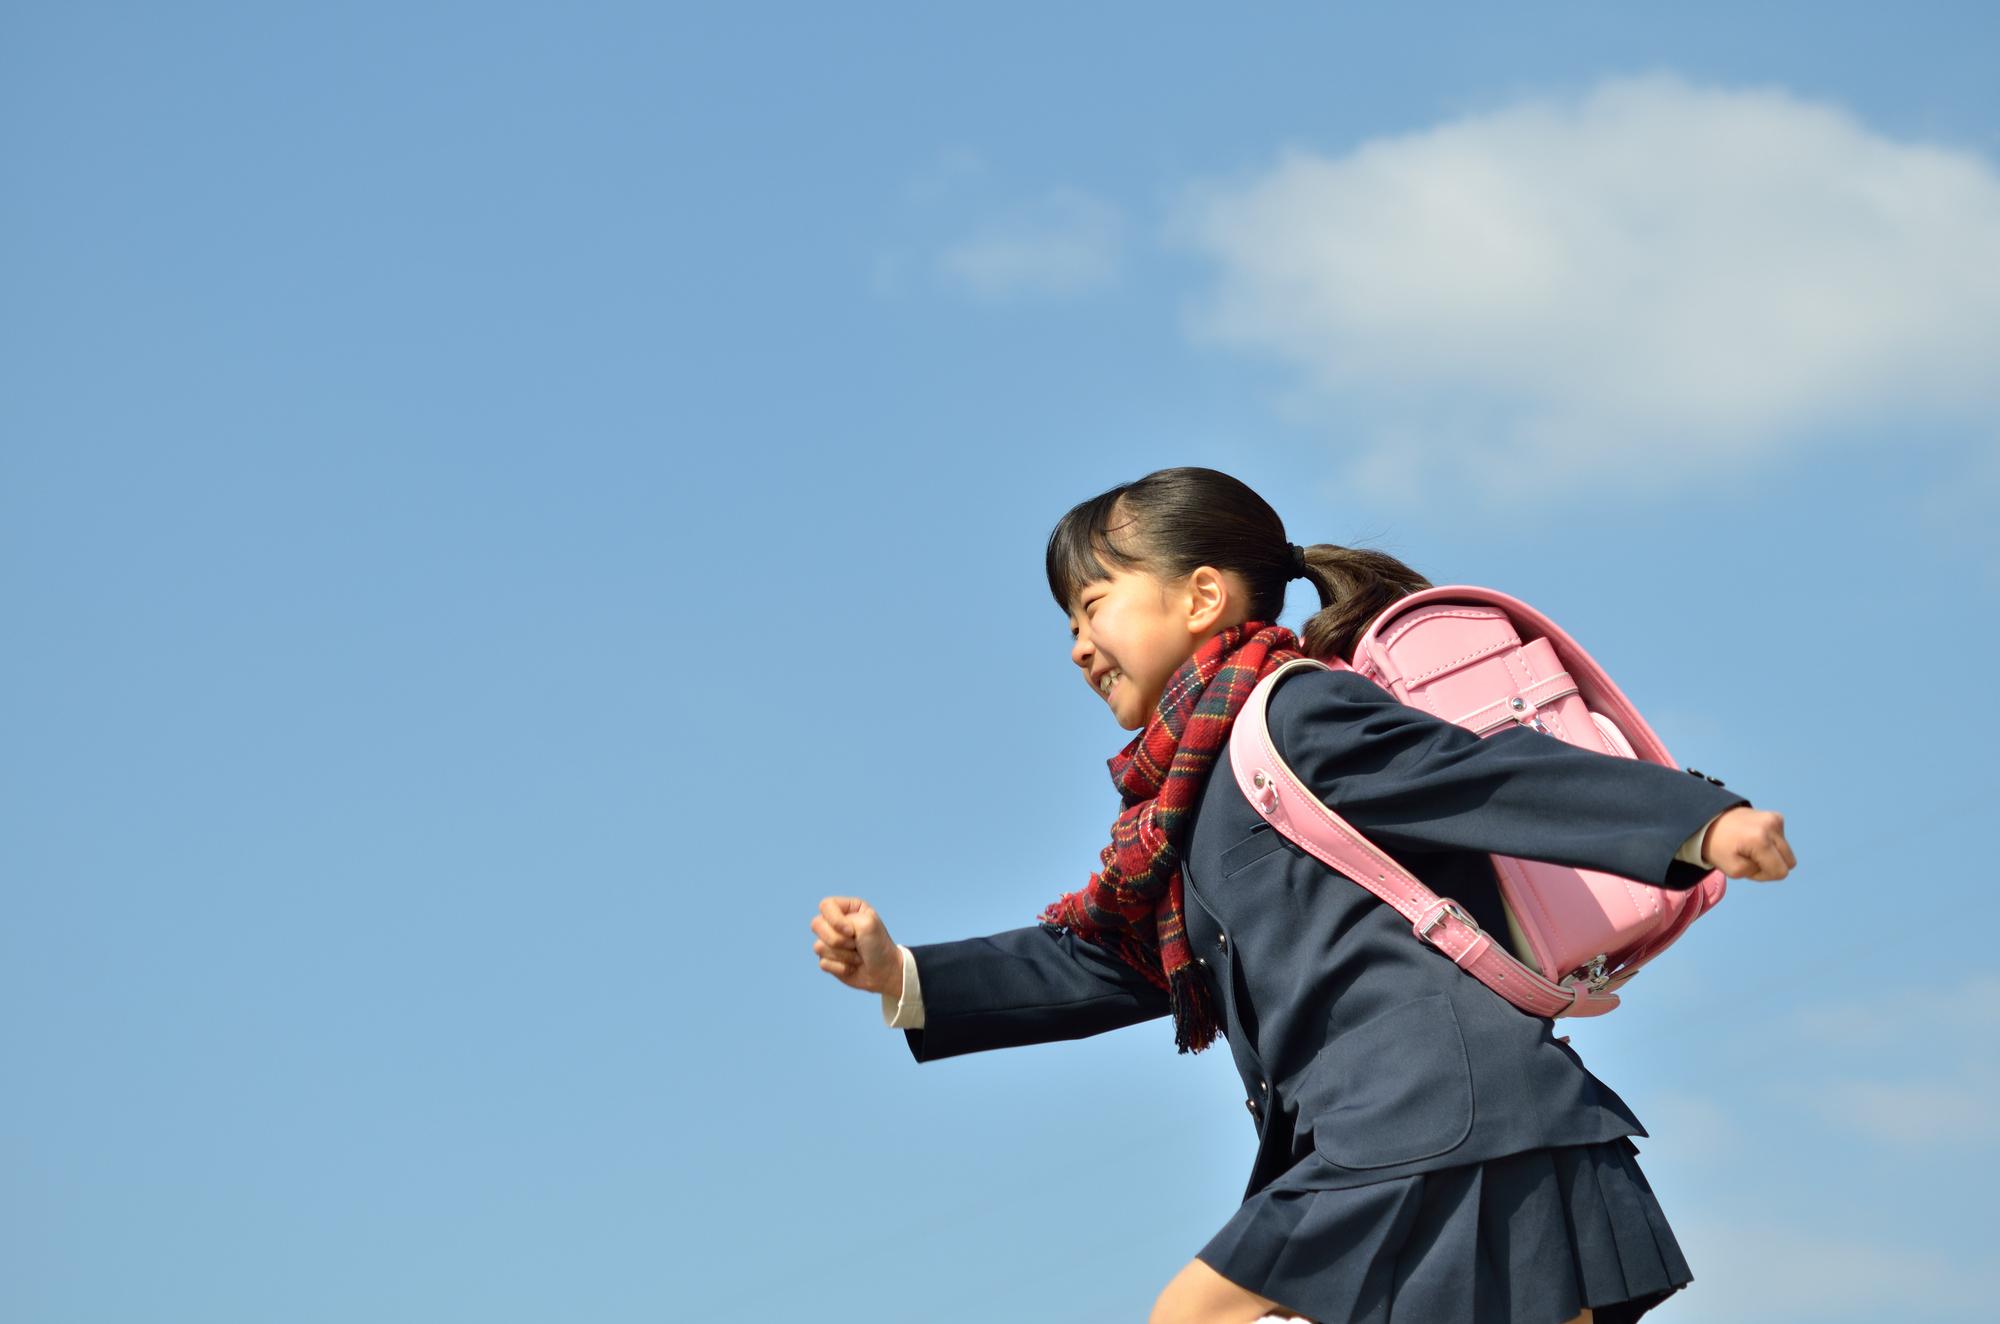 青い空の下でランドセルを背負って走っている女の子